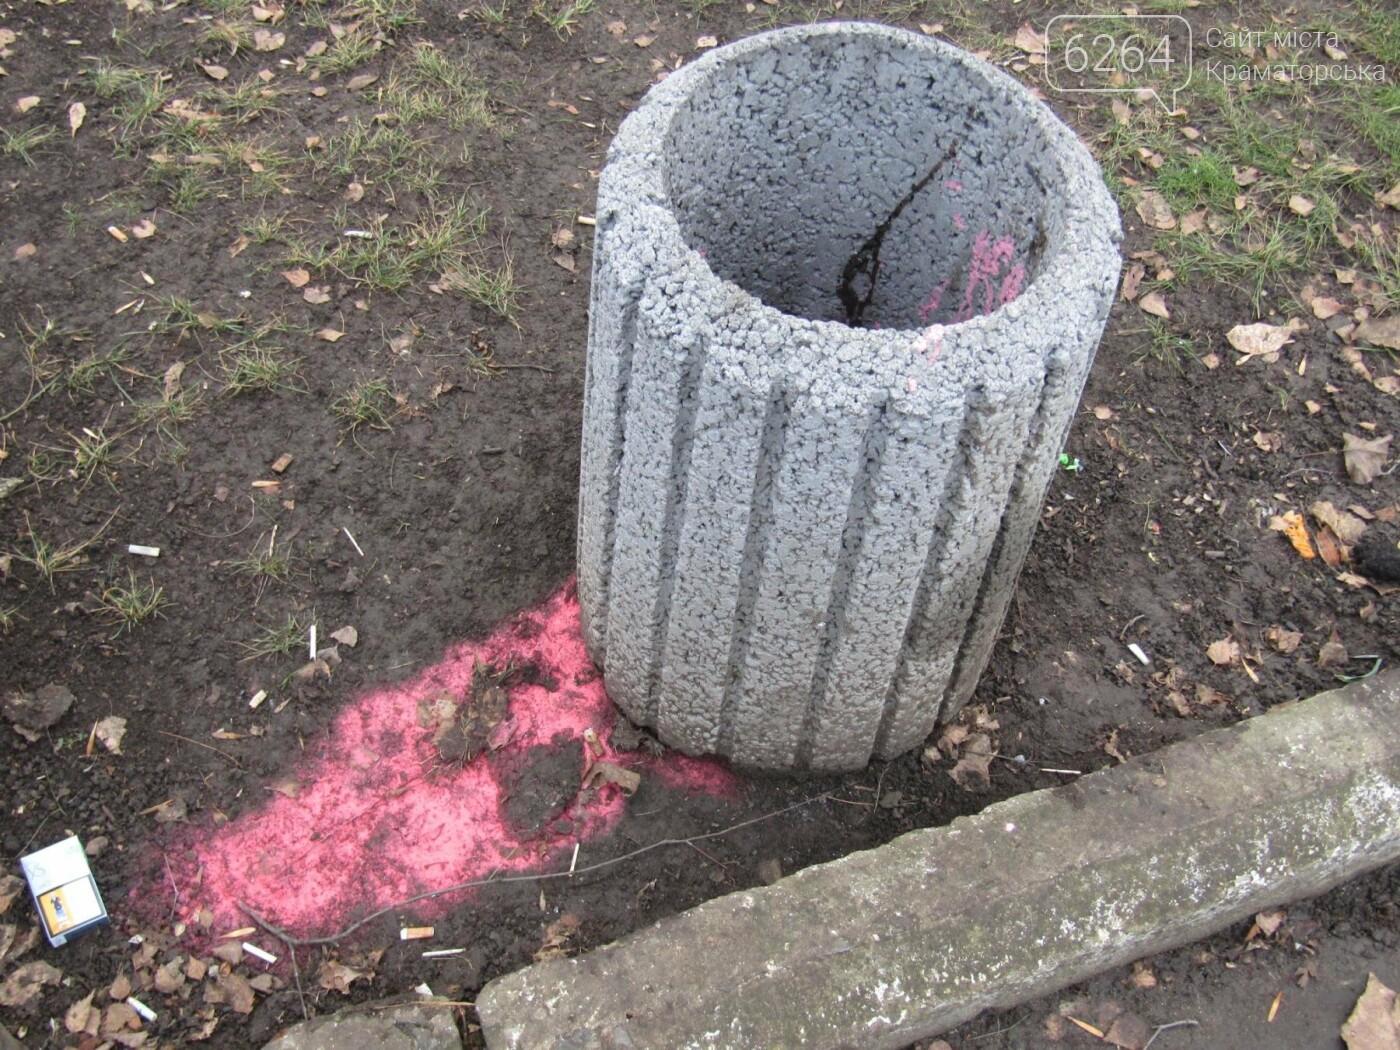 В Краматорске ели были зелеными, а стали – розовыми, фото-4